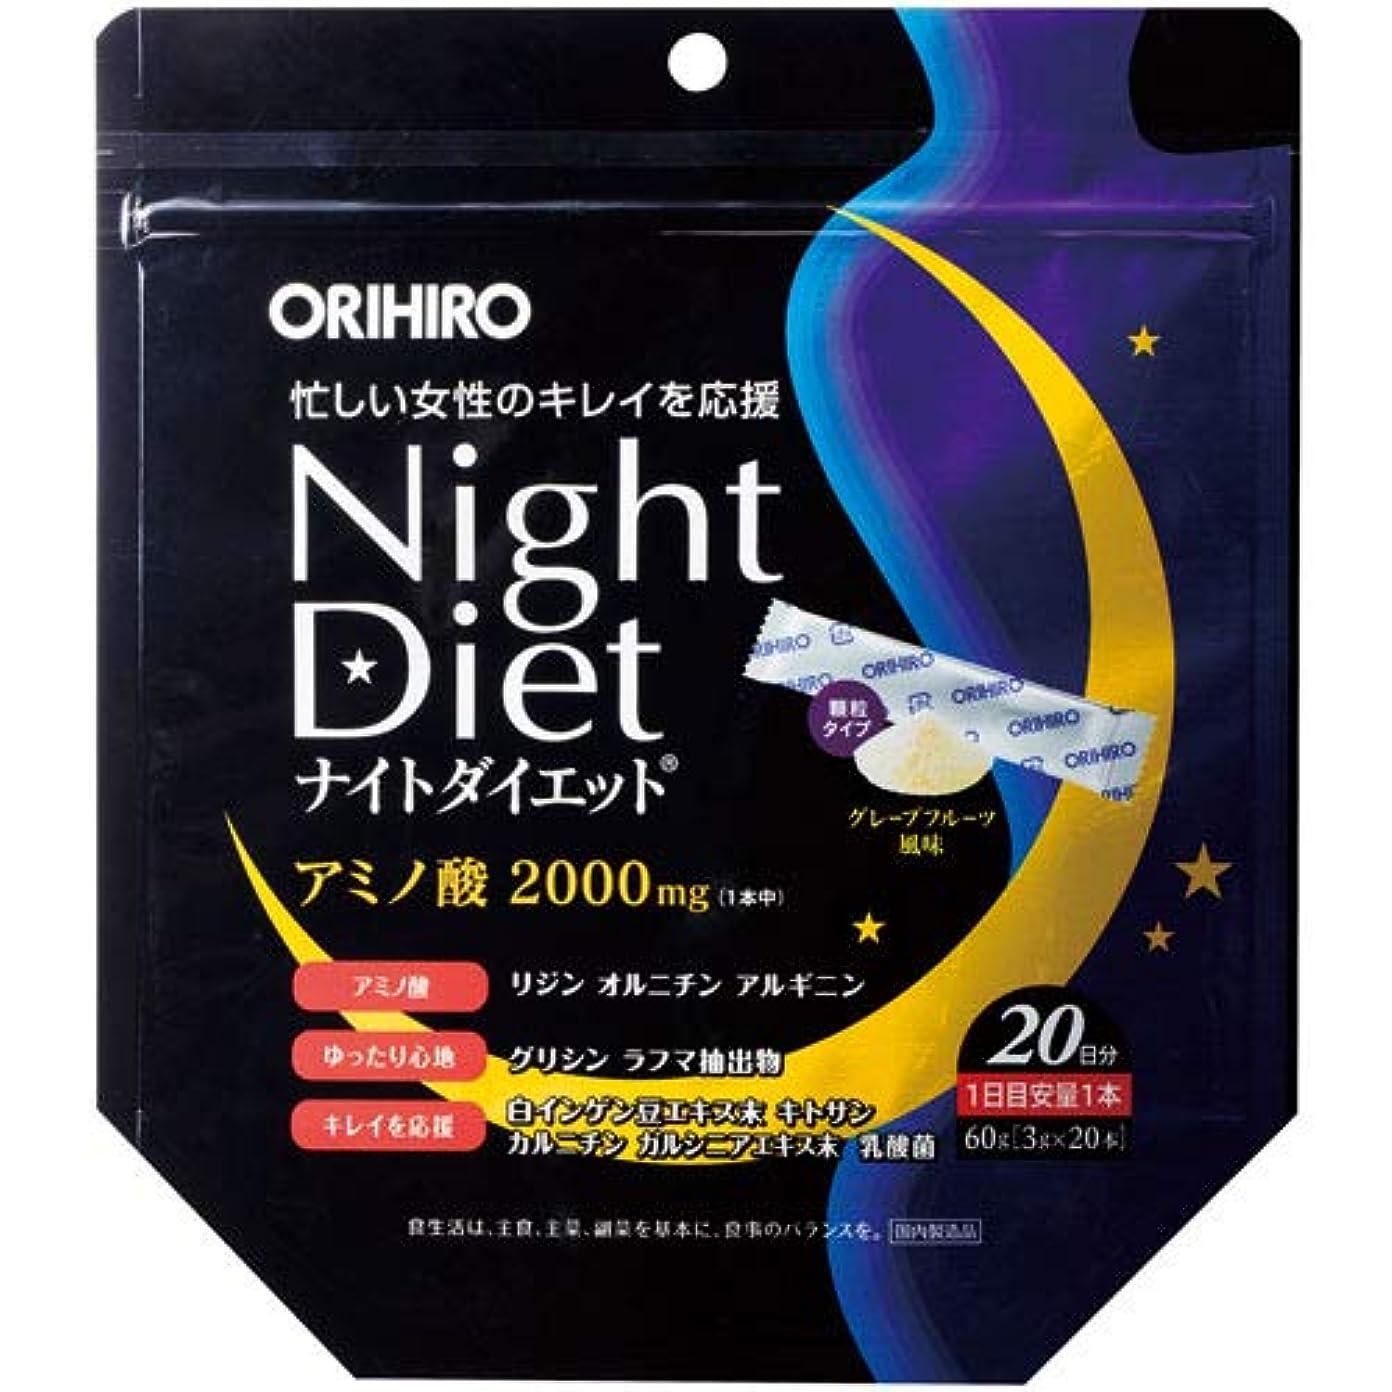 リボンエミュレートする無条件オリヒロ ナイトダイエット 顆粒 20本×3個セット